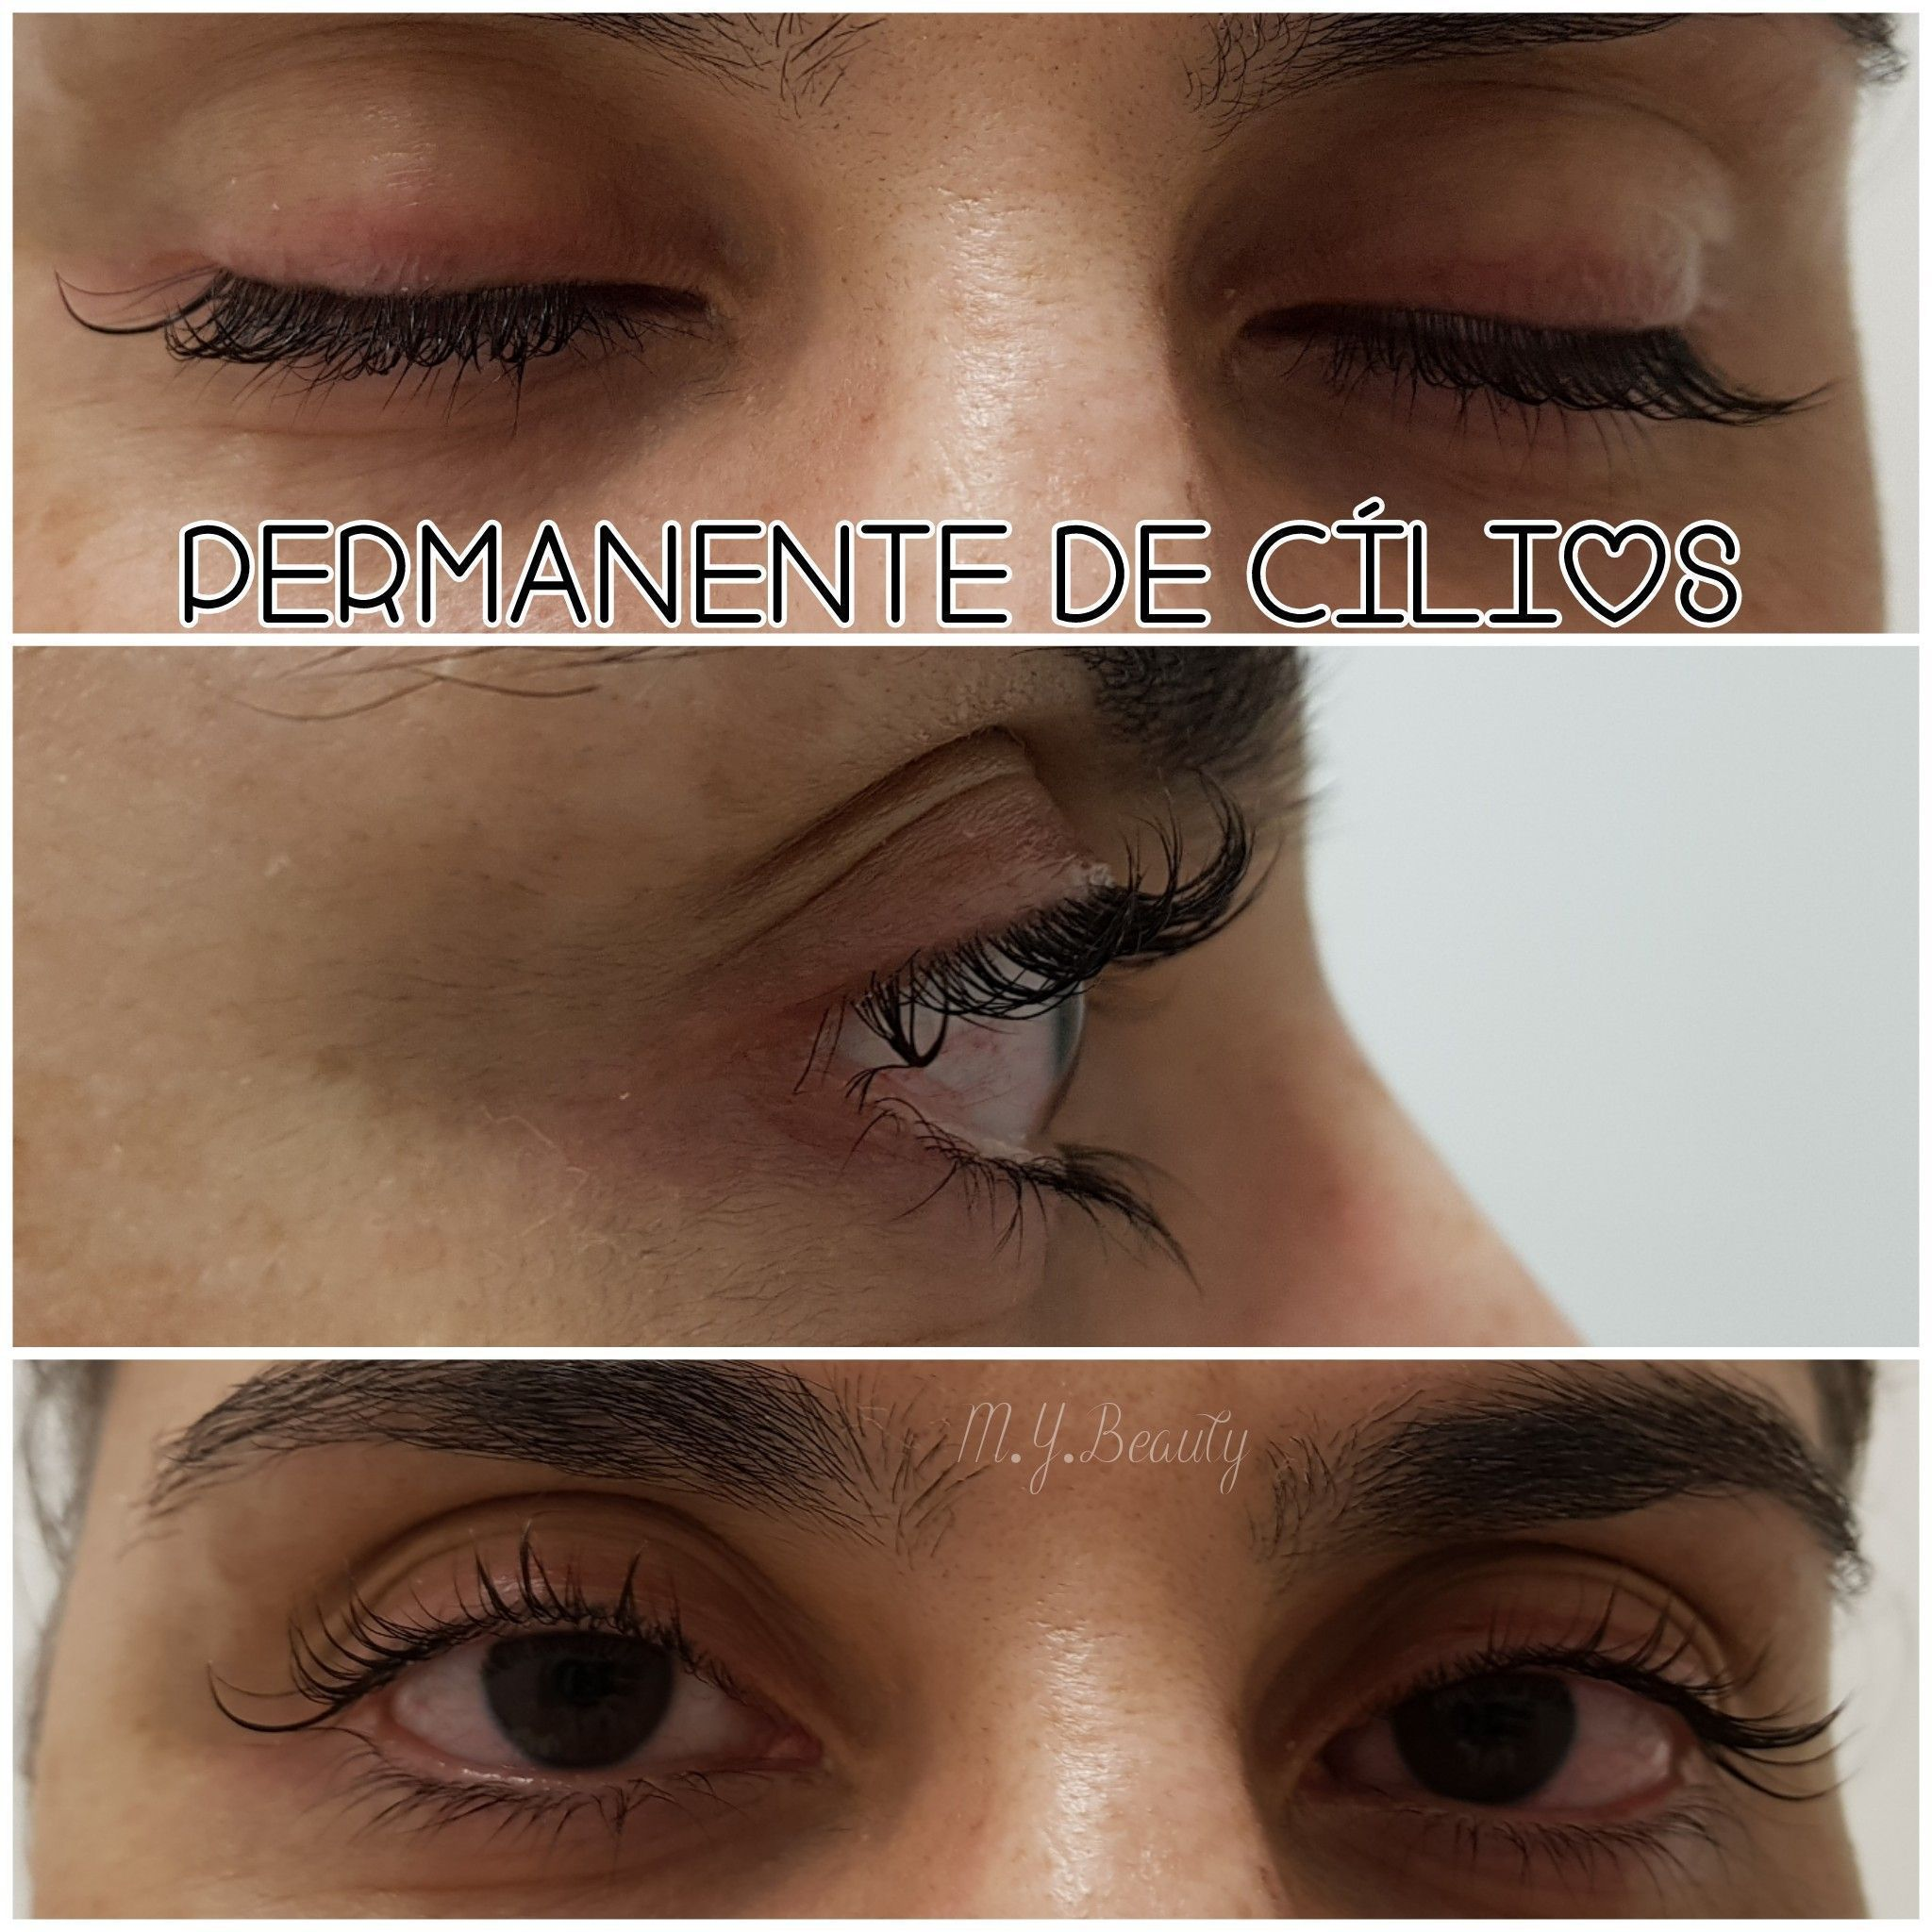 Permanente de cílios estética depilador(a) depilador(a) designer de sobrancelhas